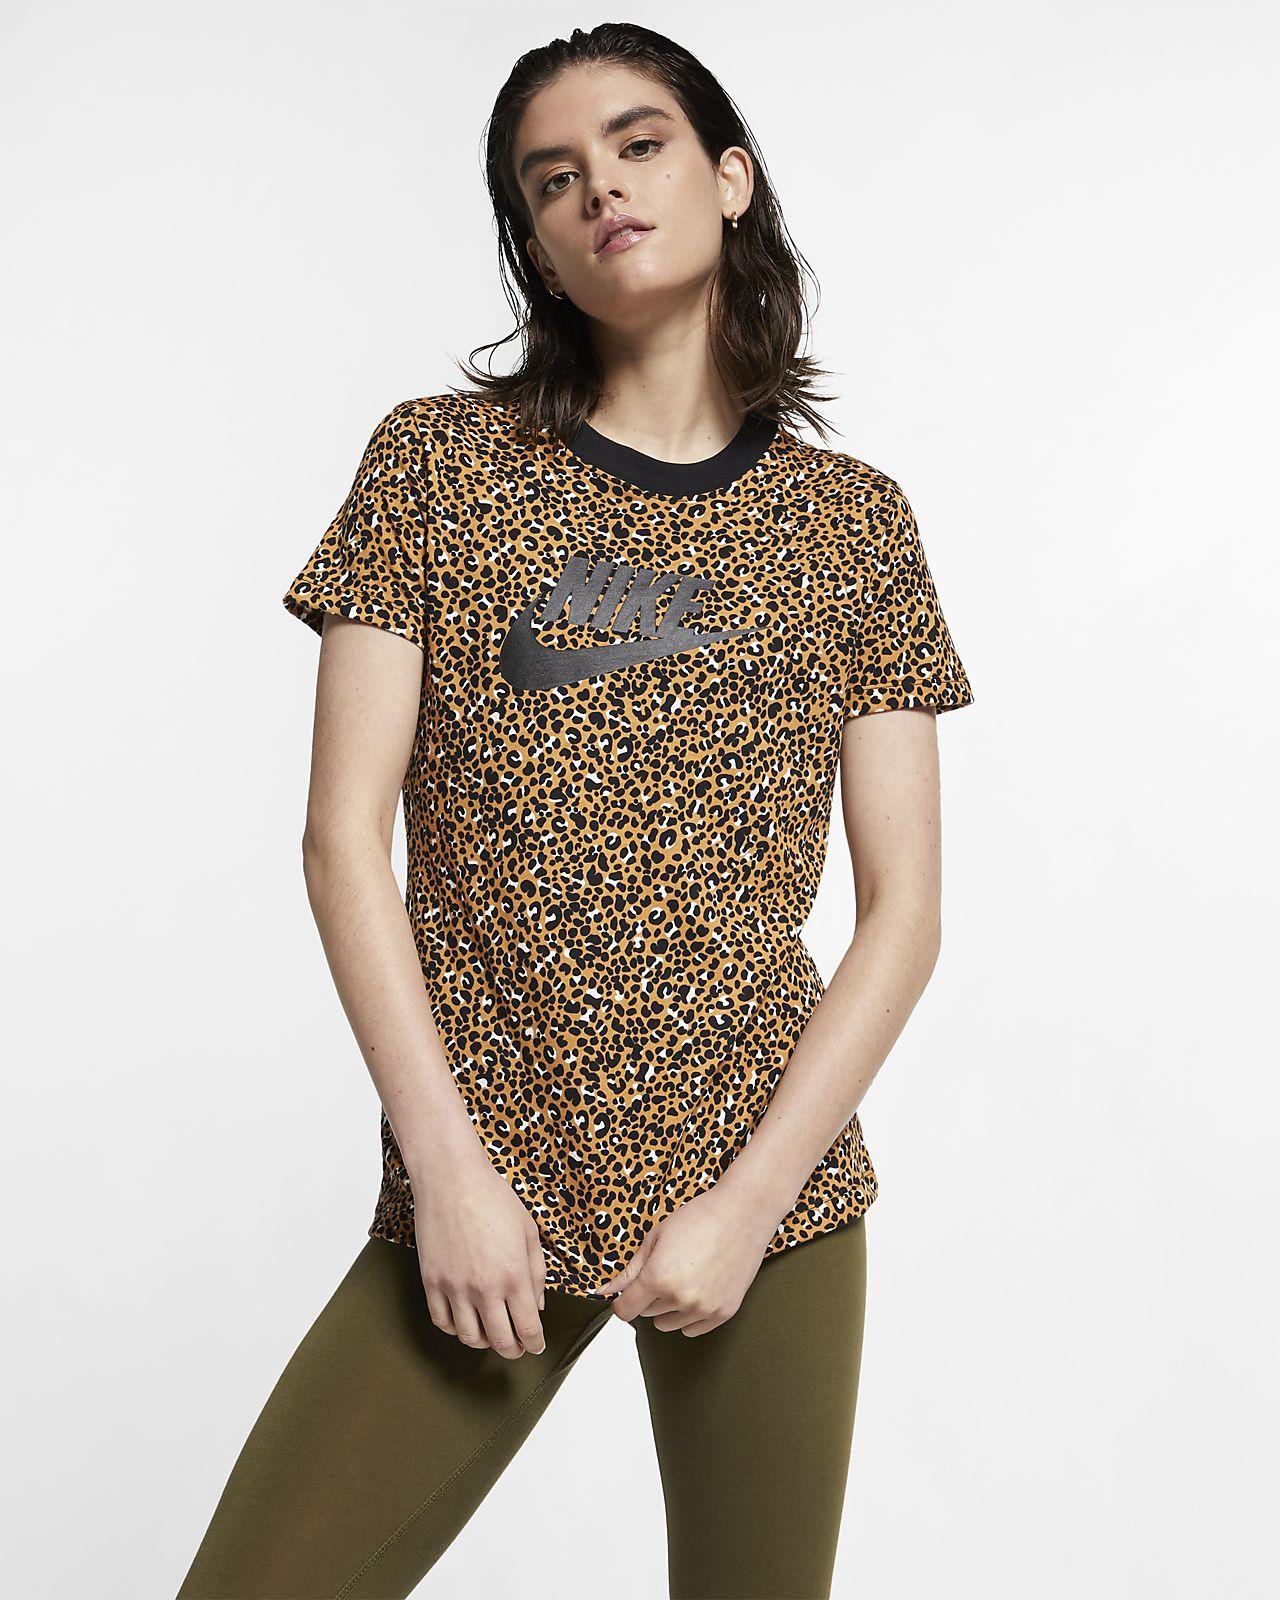 Nike Sportswear Animal Print Kadın Tişörtü